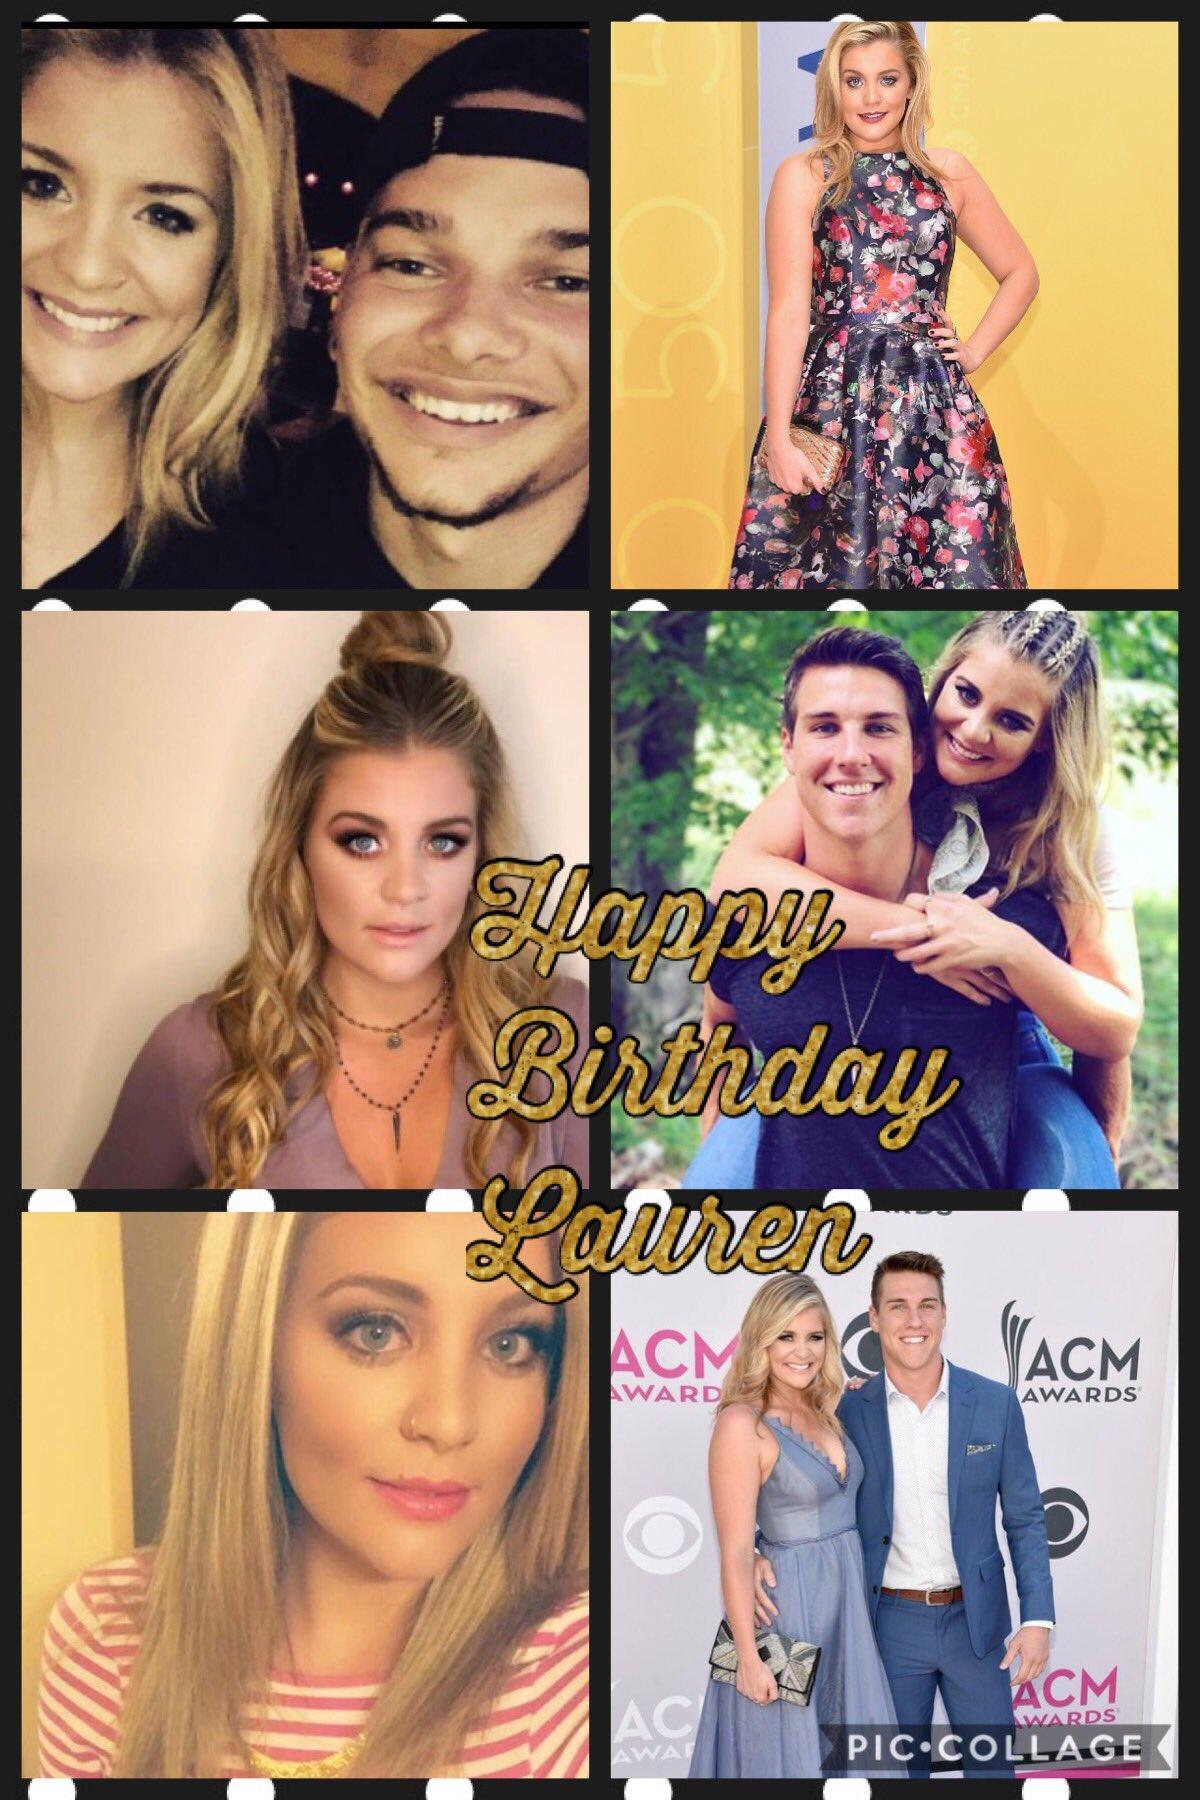 Happy 23rd birthday Lauren